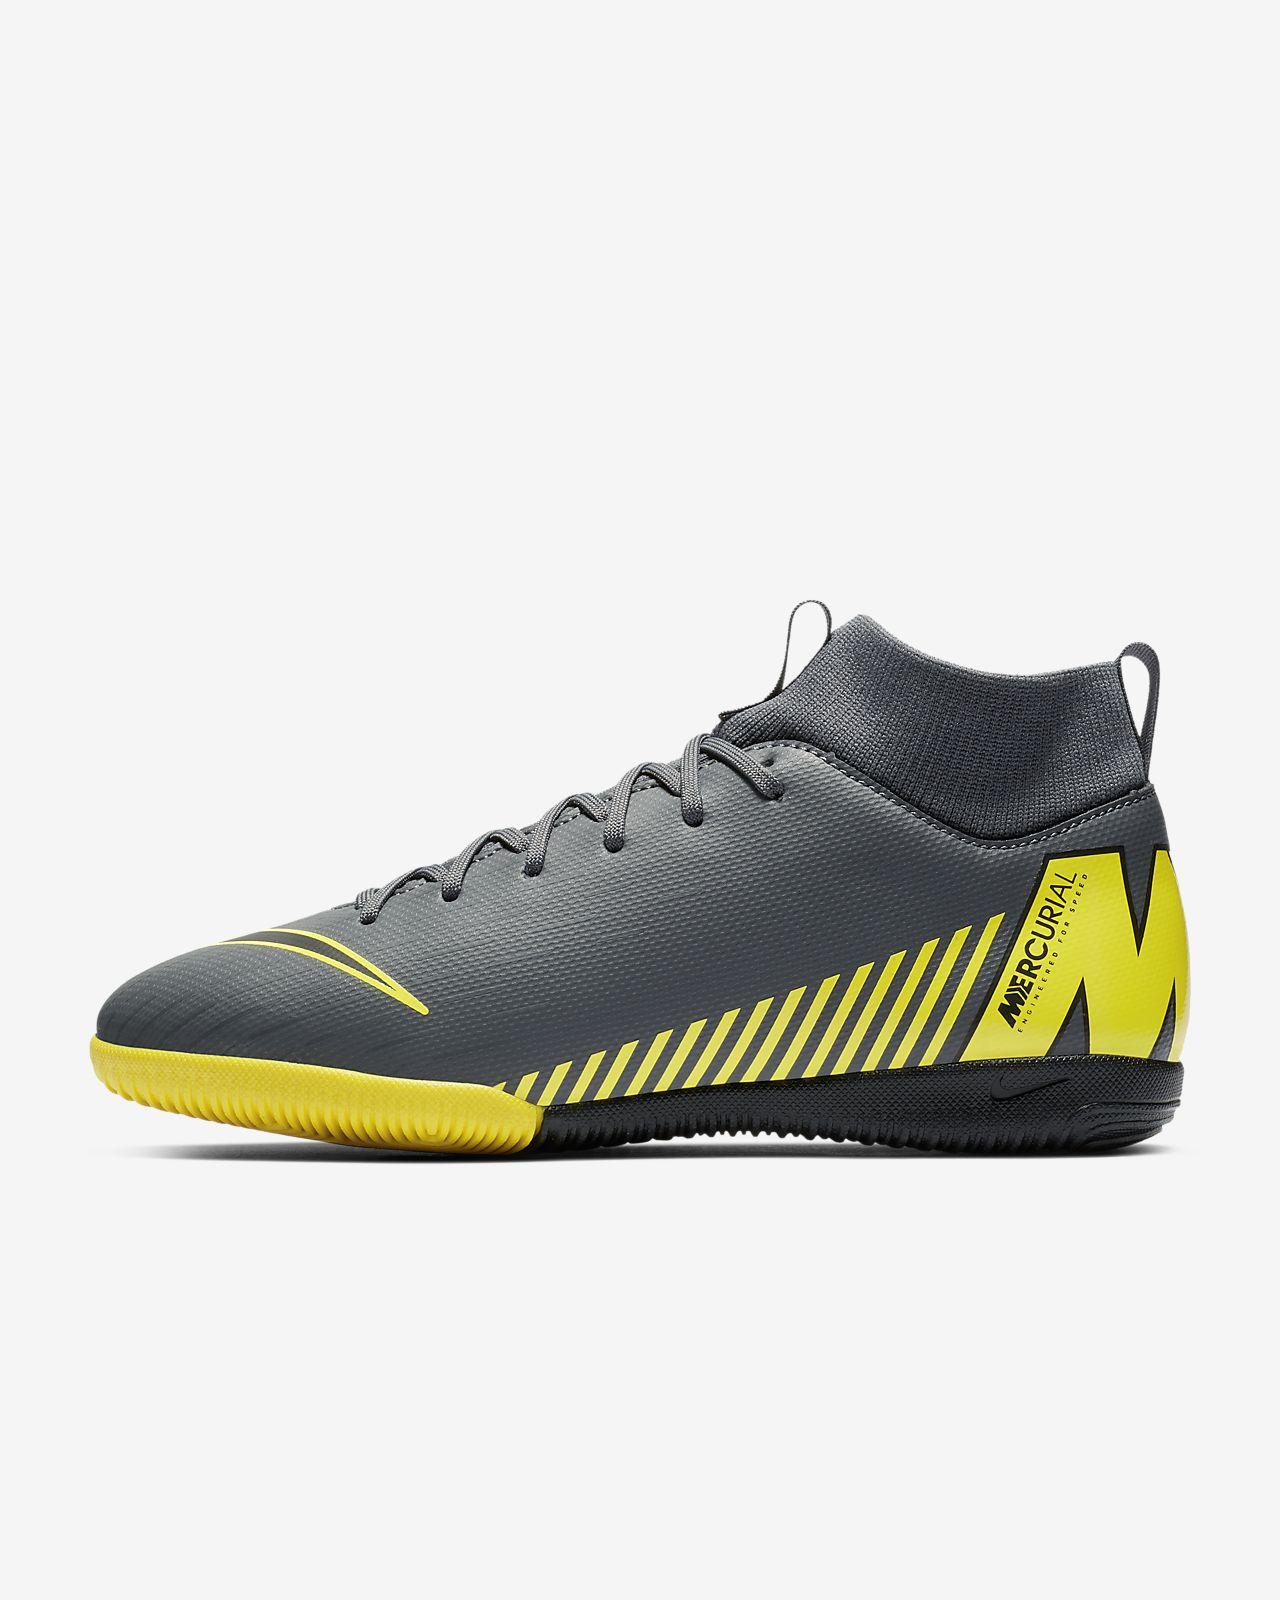 Hallenfußballschuhe Nike Ic Niñoa 6 Academy And JrSuperflyx